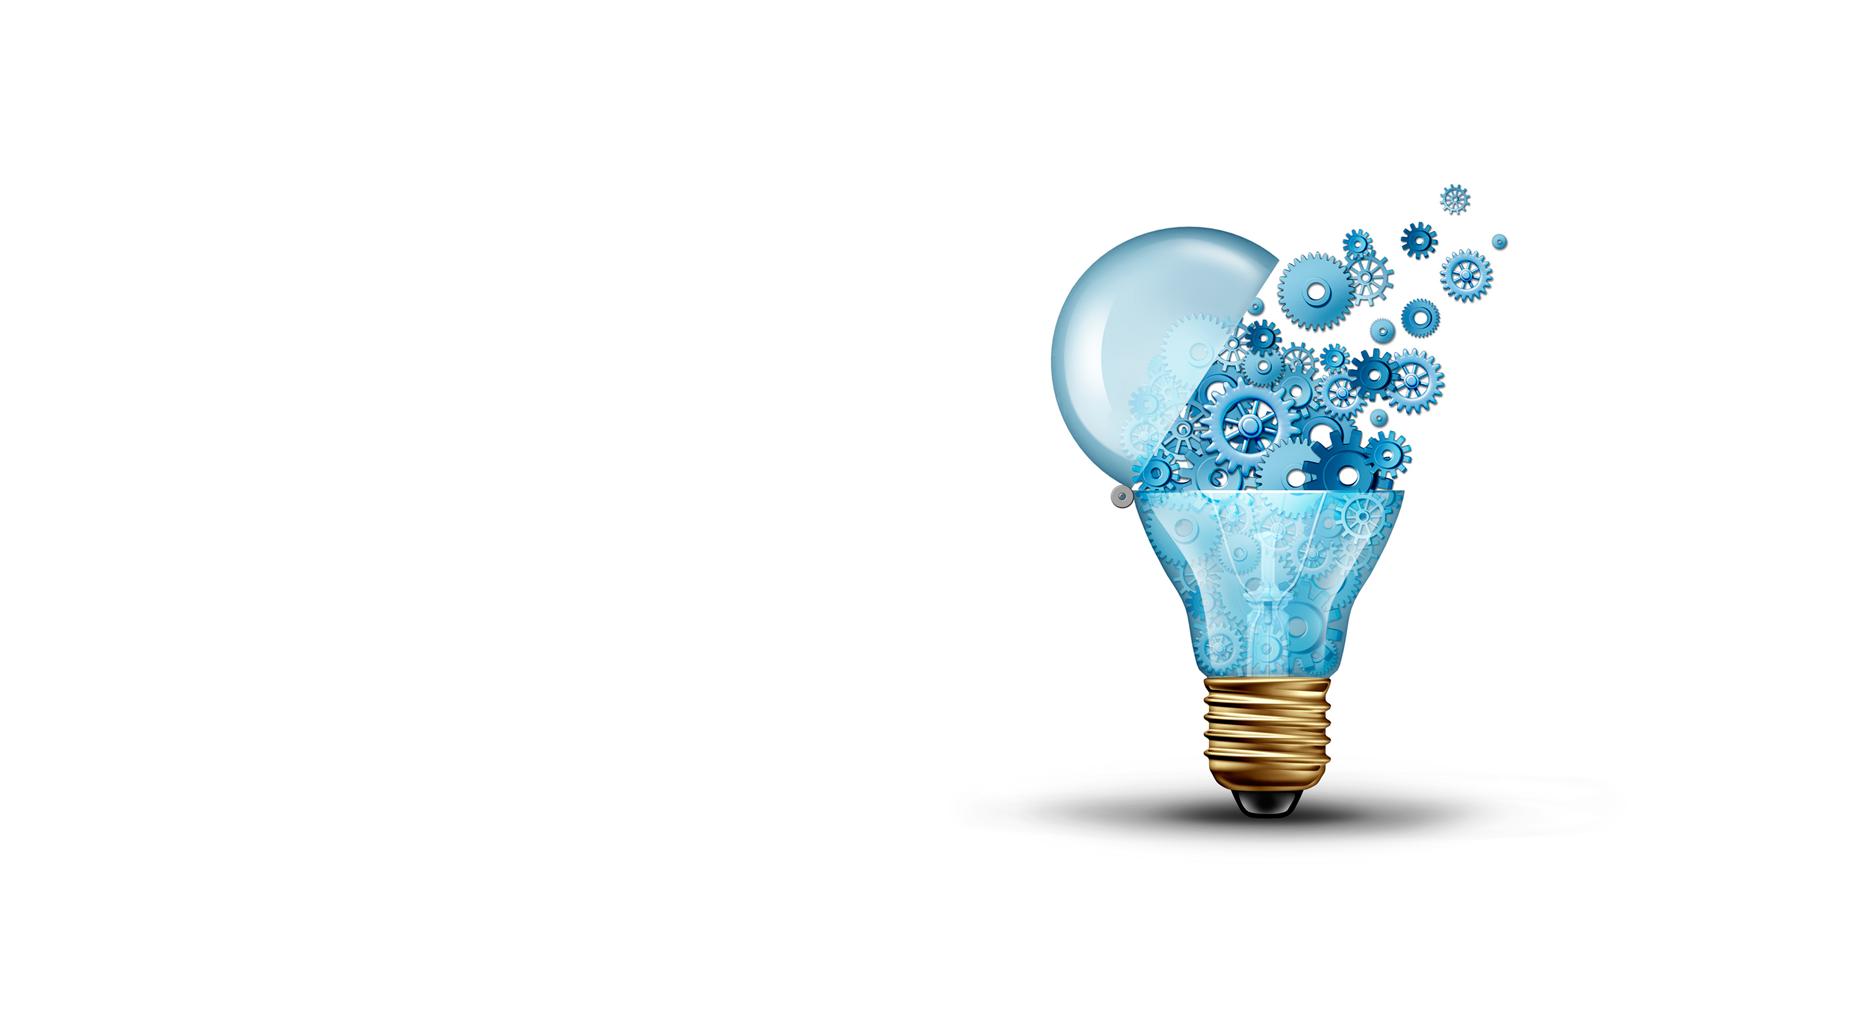 Sortis proporciona Innovación y tecnología